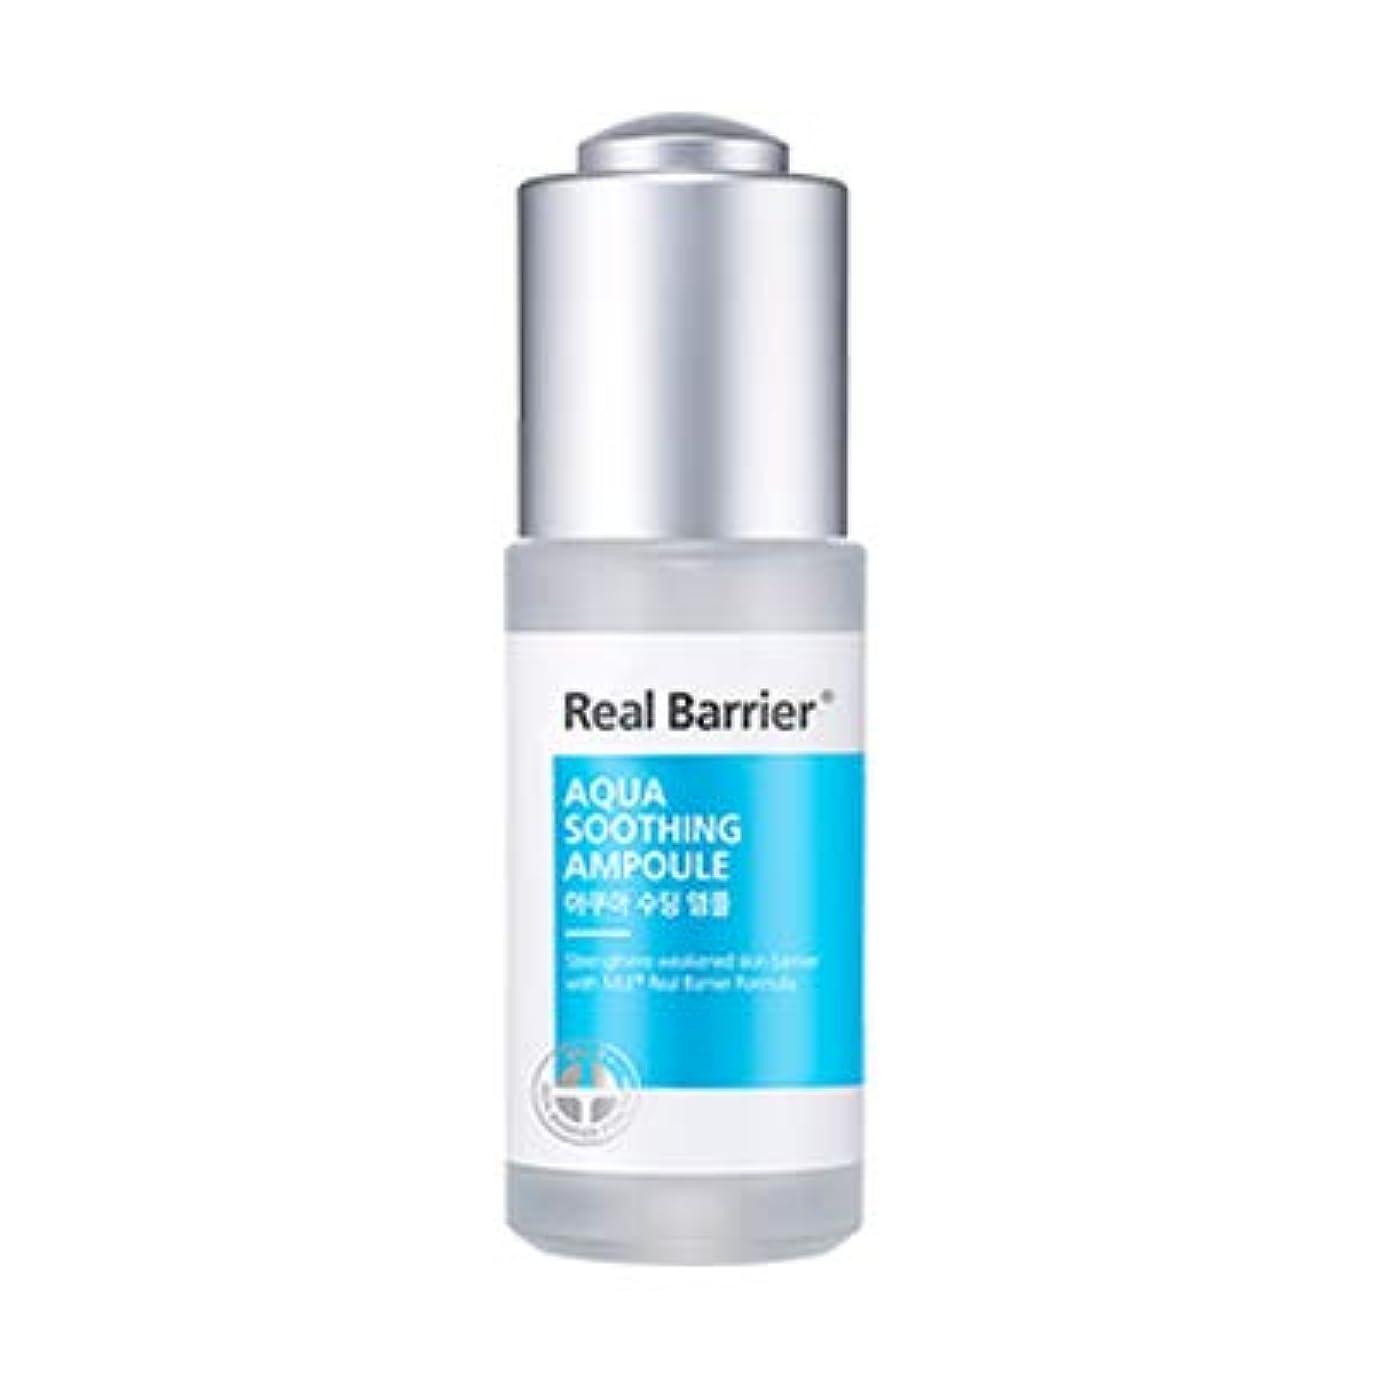 血位置する免疫するリアルバリア アクア スージング アンプル ATOPALM Real Barrier Aqua Soothing Ampoule 20ml